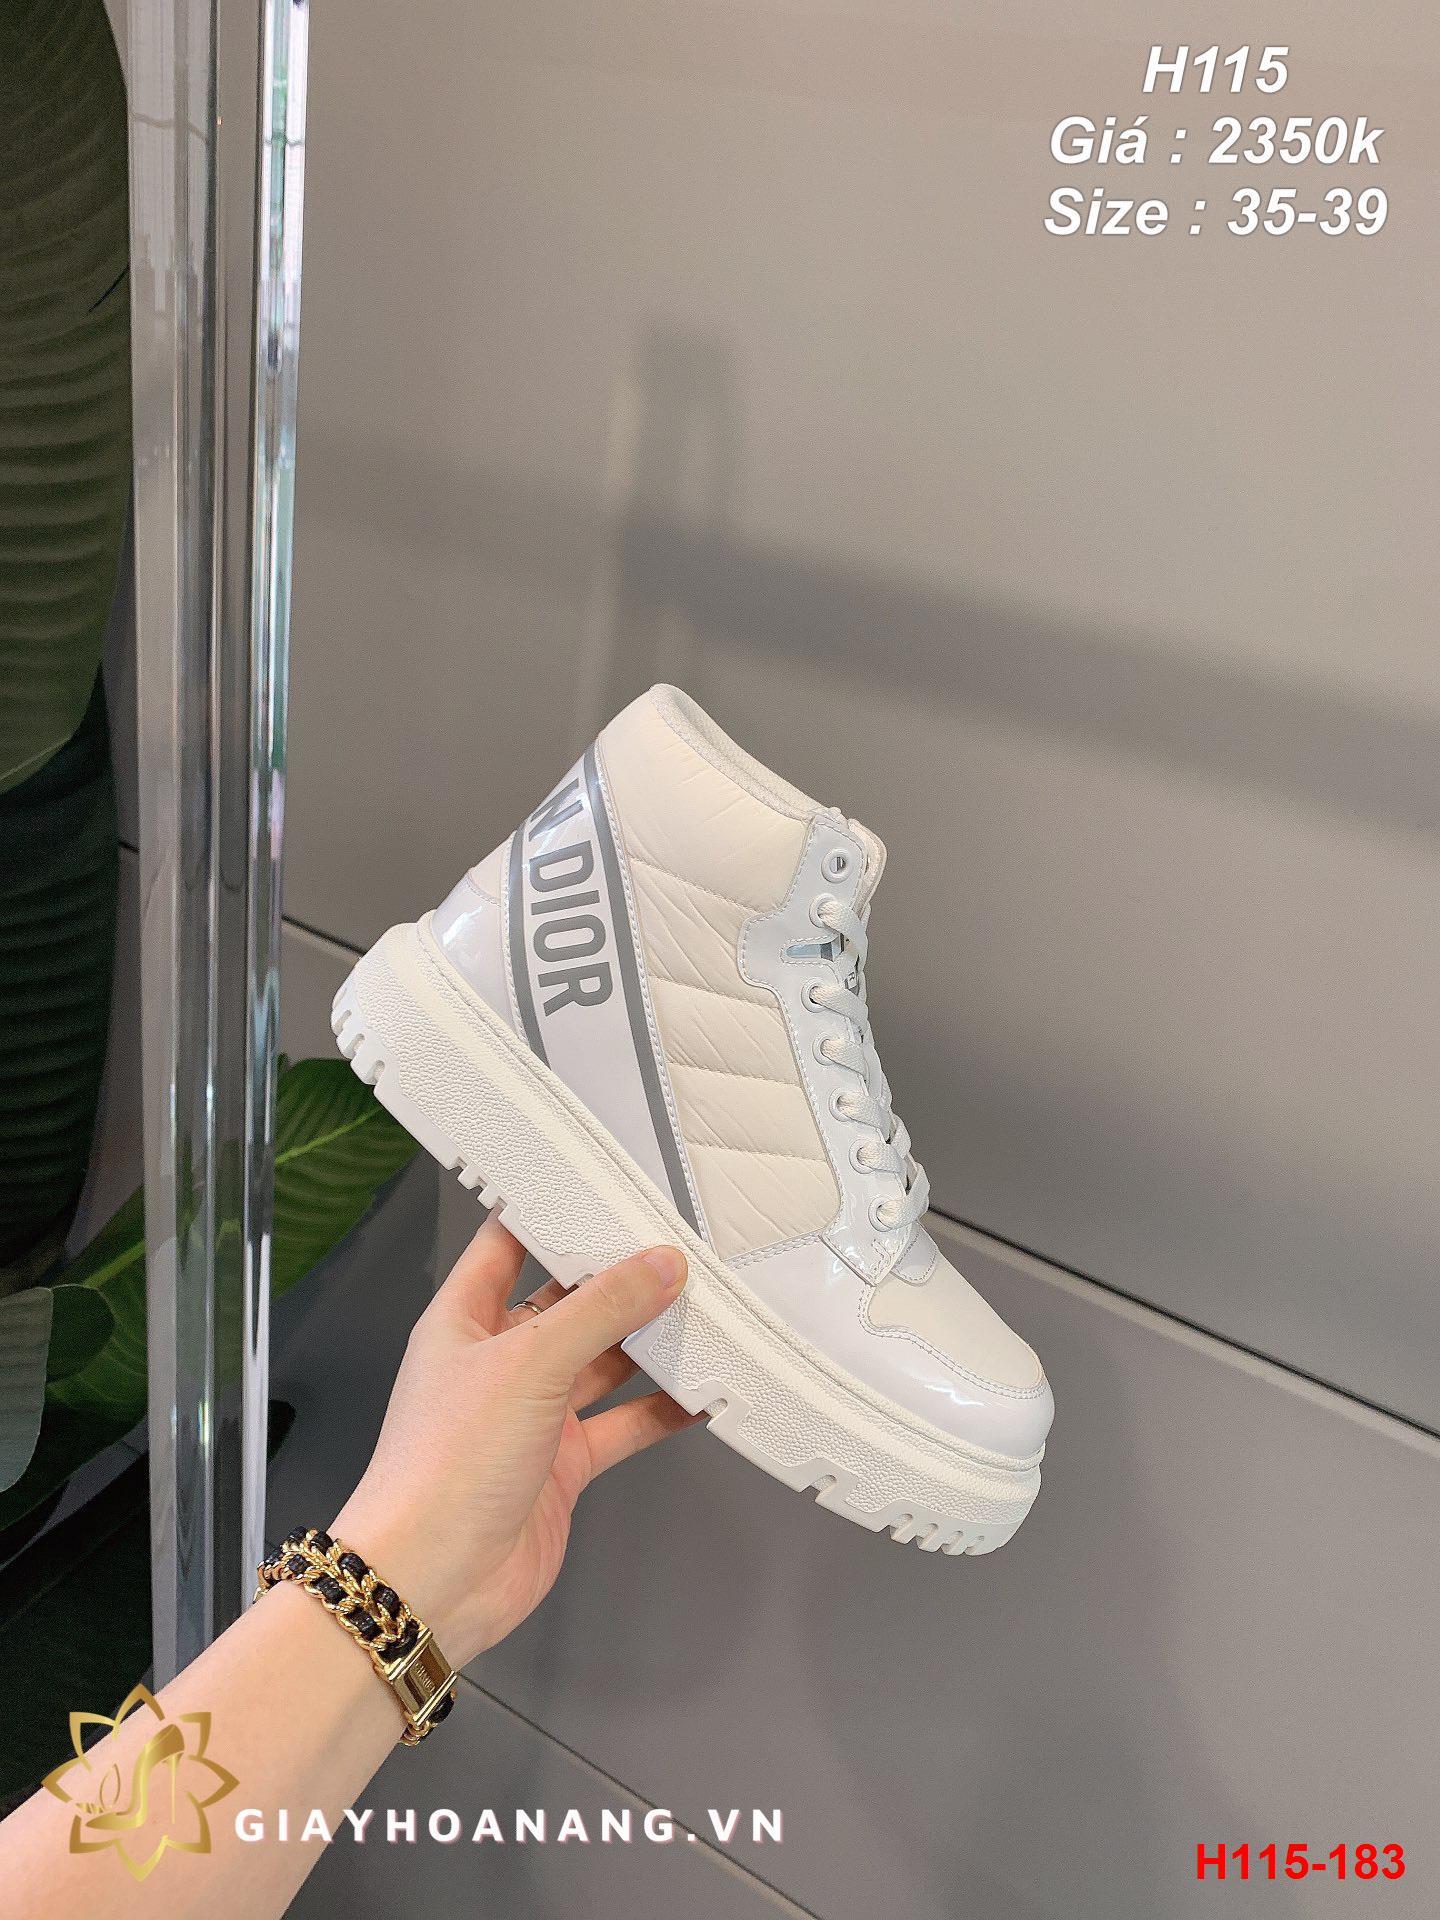 H115-183 Dior giày thể thao siêu cấp